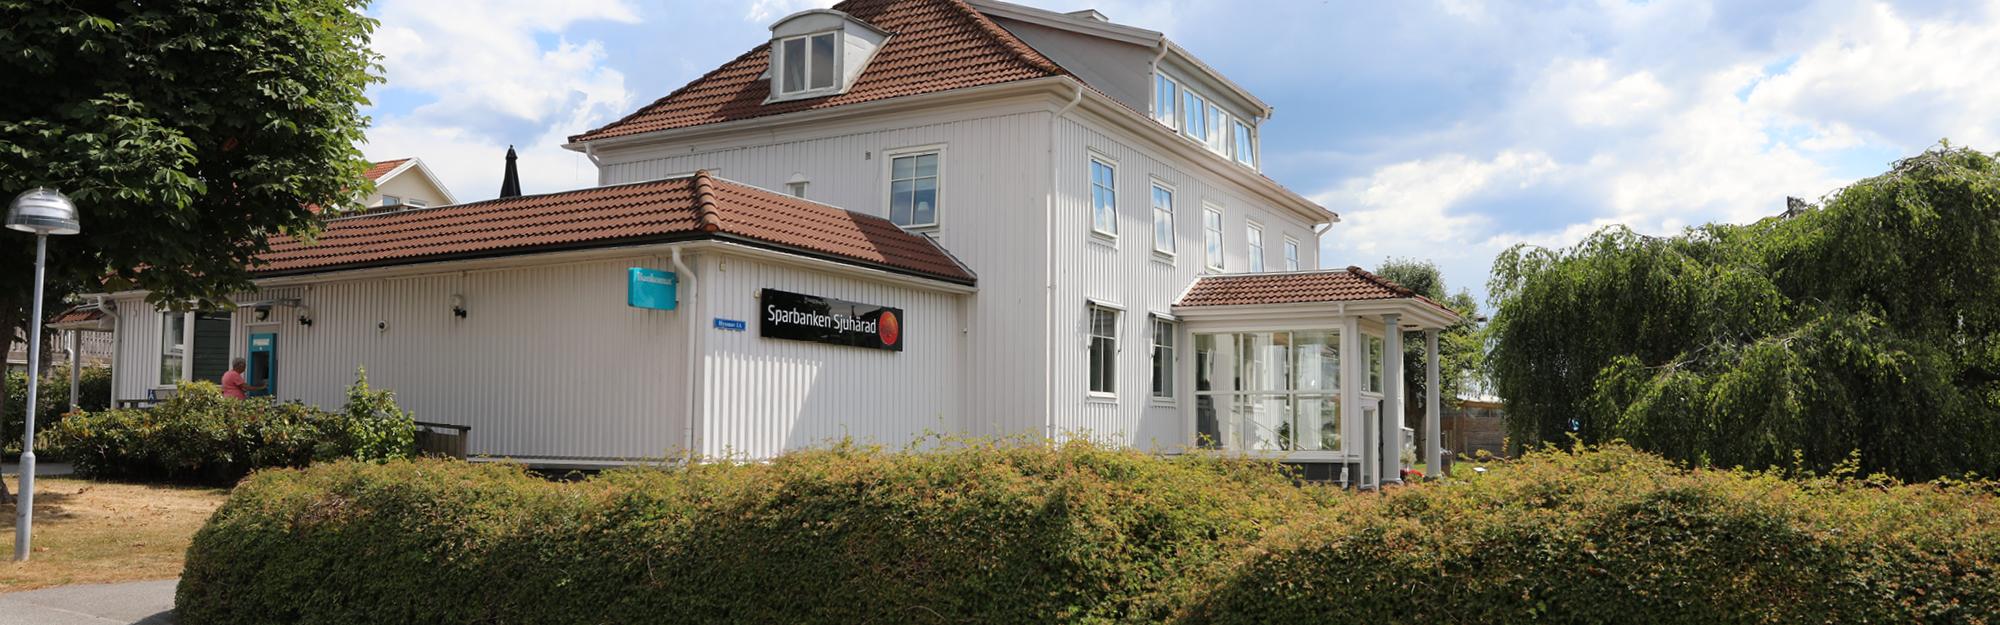 swedbank sjuhärad sätila